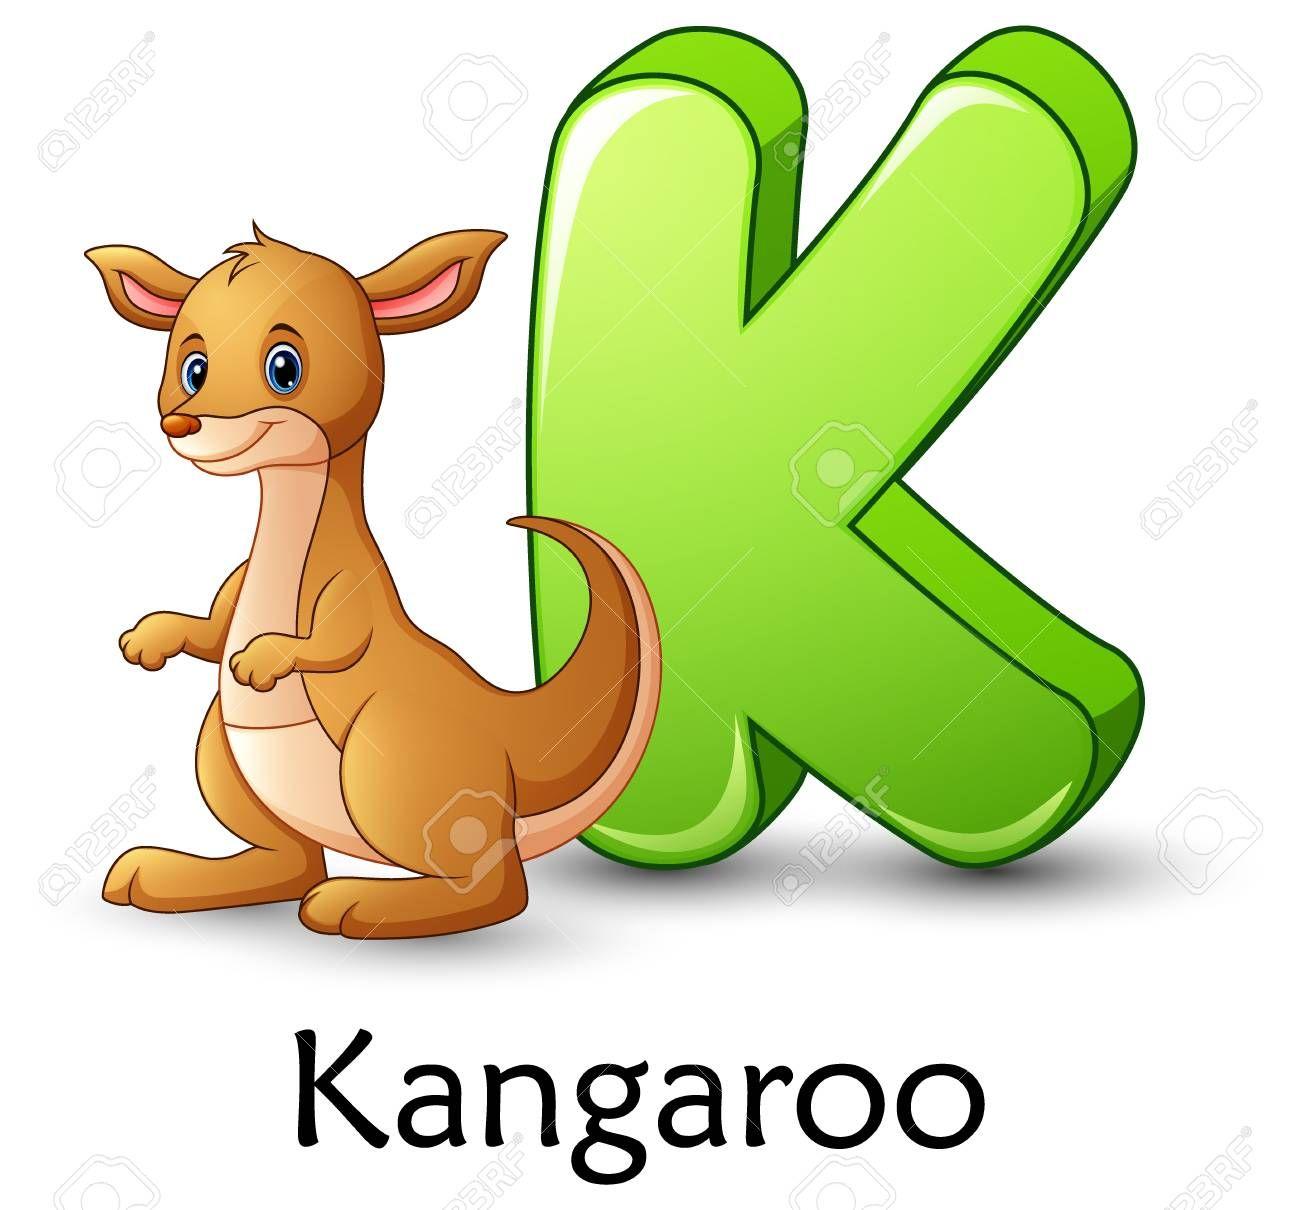 La Letra K Es Para El Alfabeto De Dibujos Animados De Canguro Alfabeto Con Imagenes Alfabeto Animal Dibujos Animados